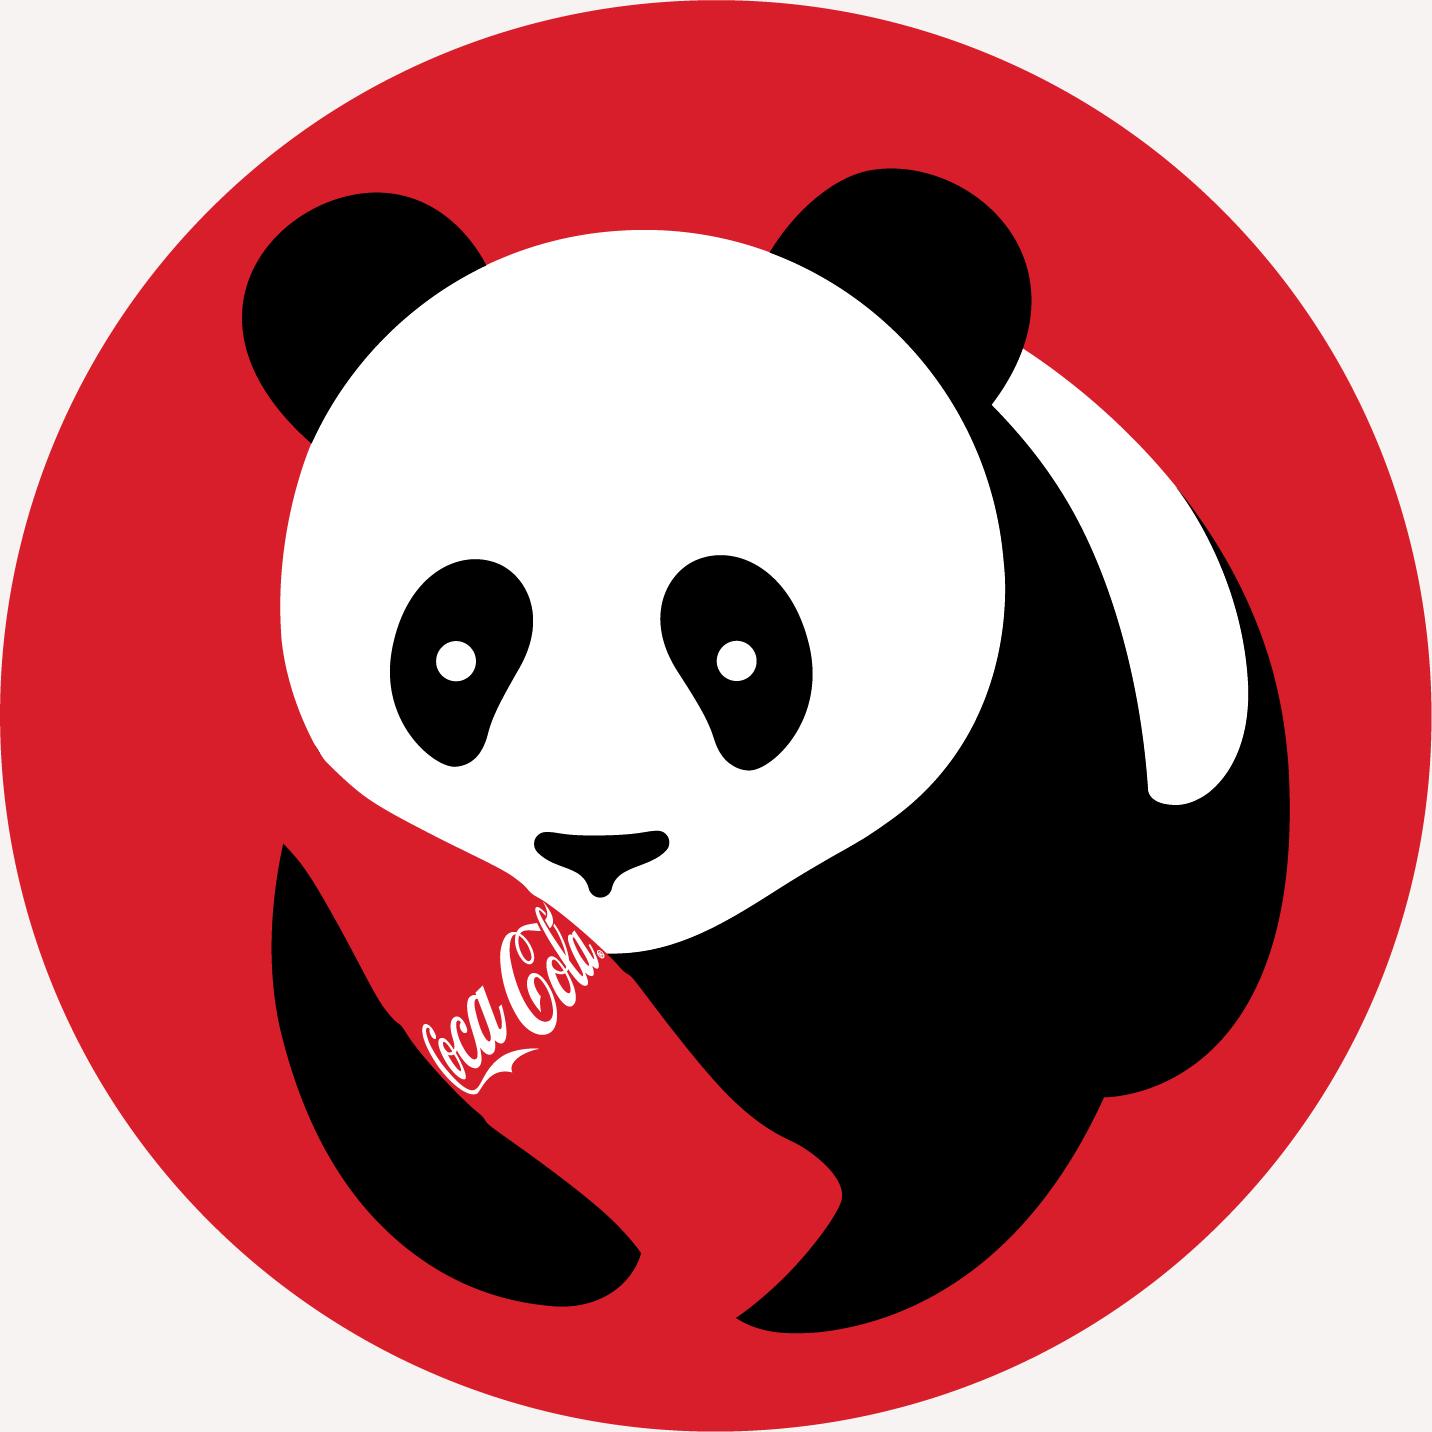 Coca-Cola x Panda Express